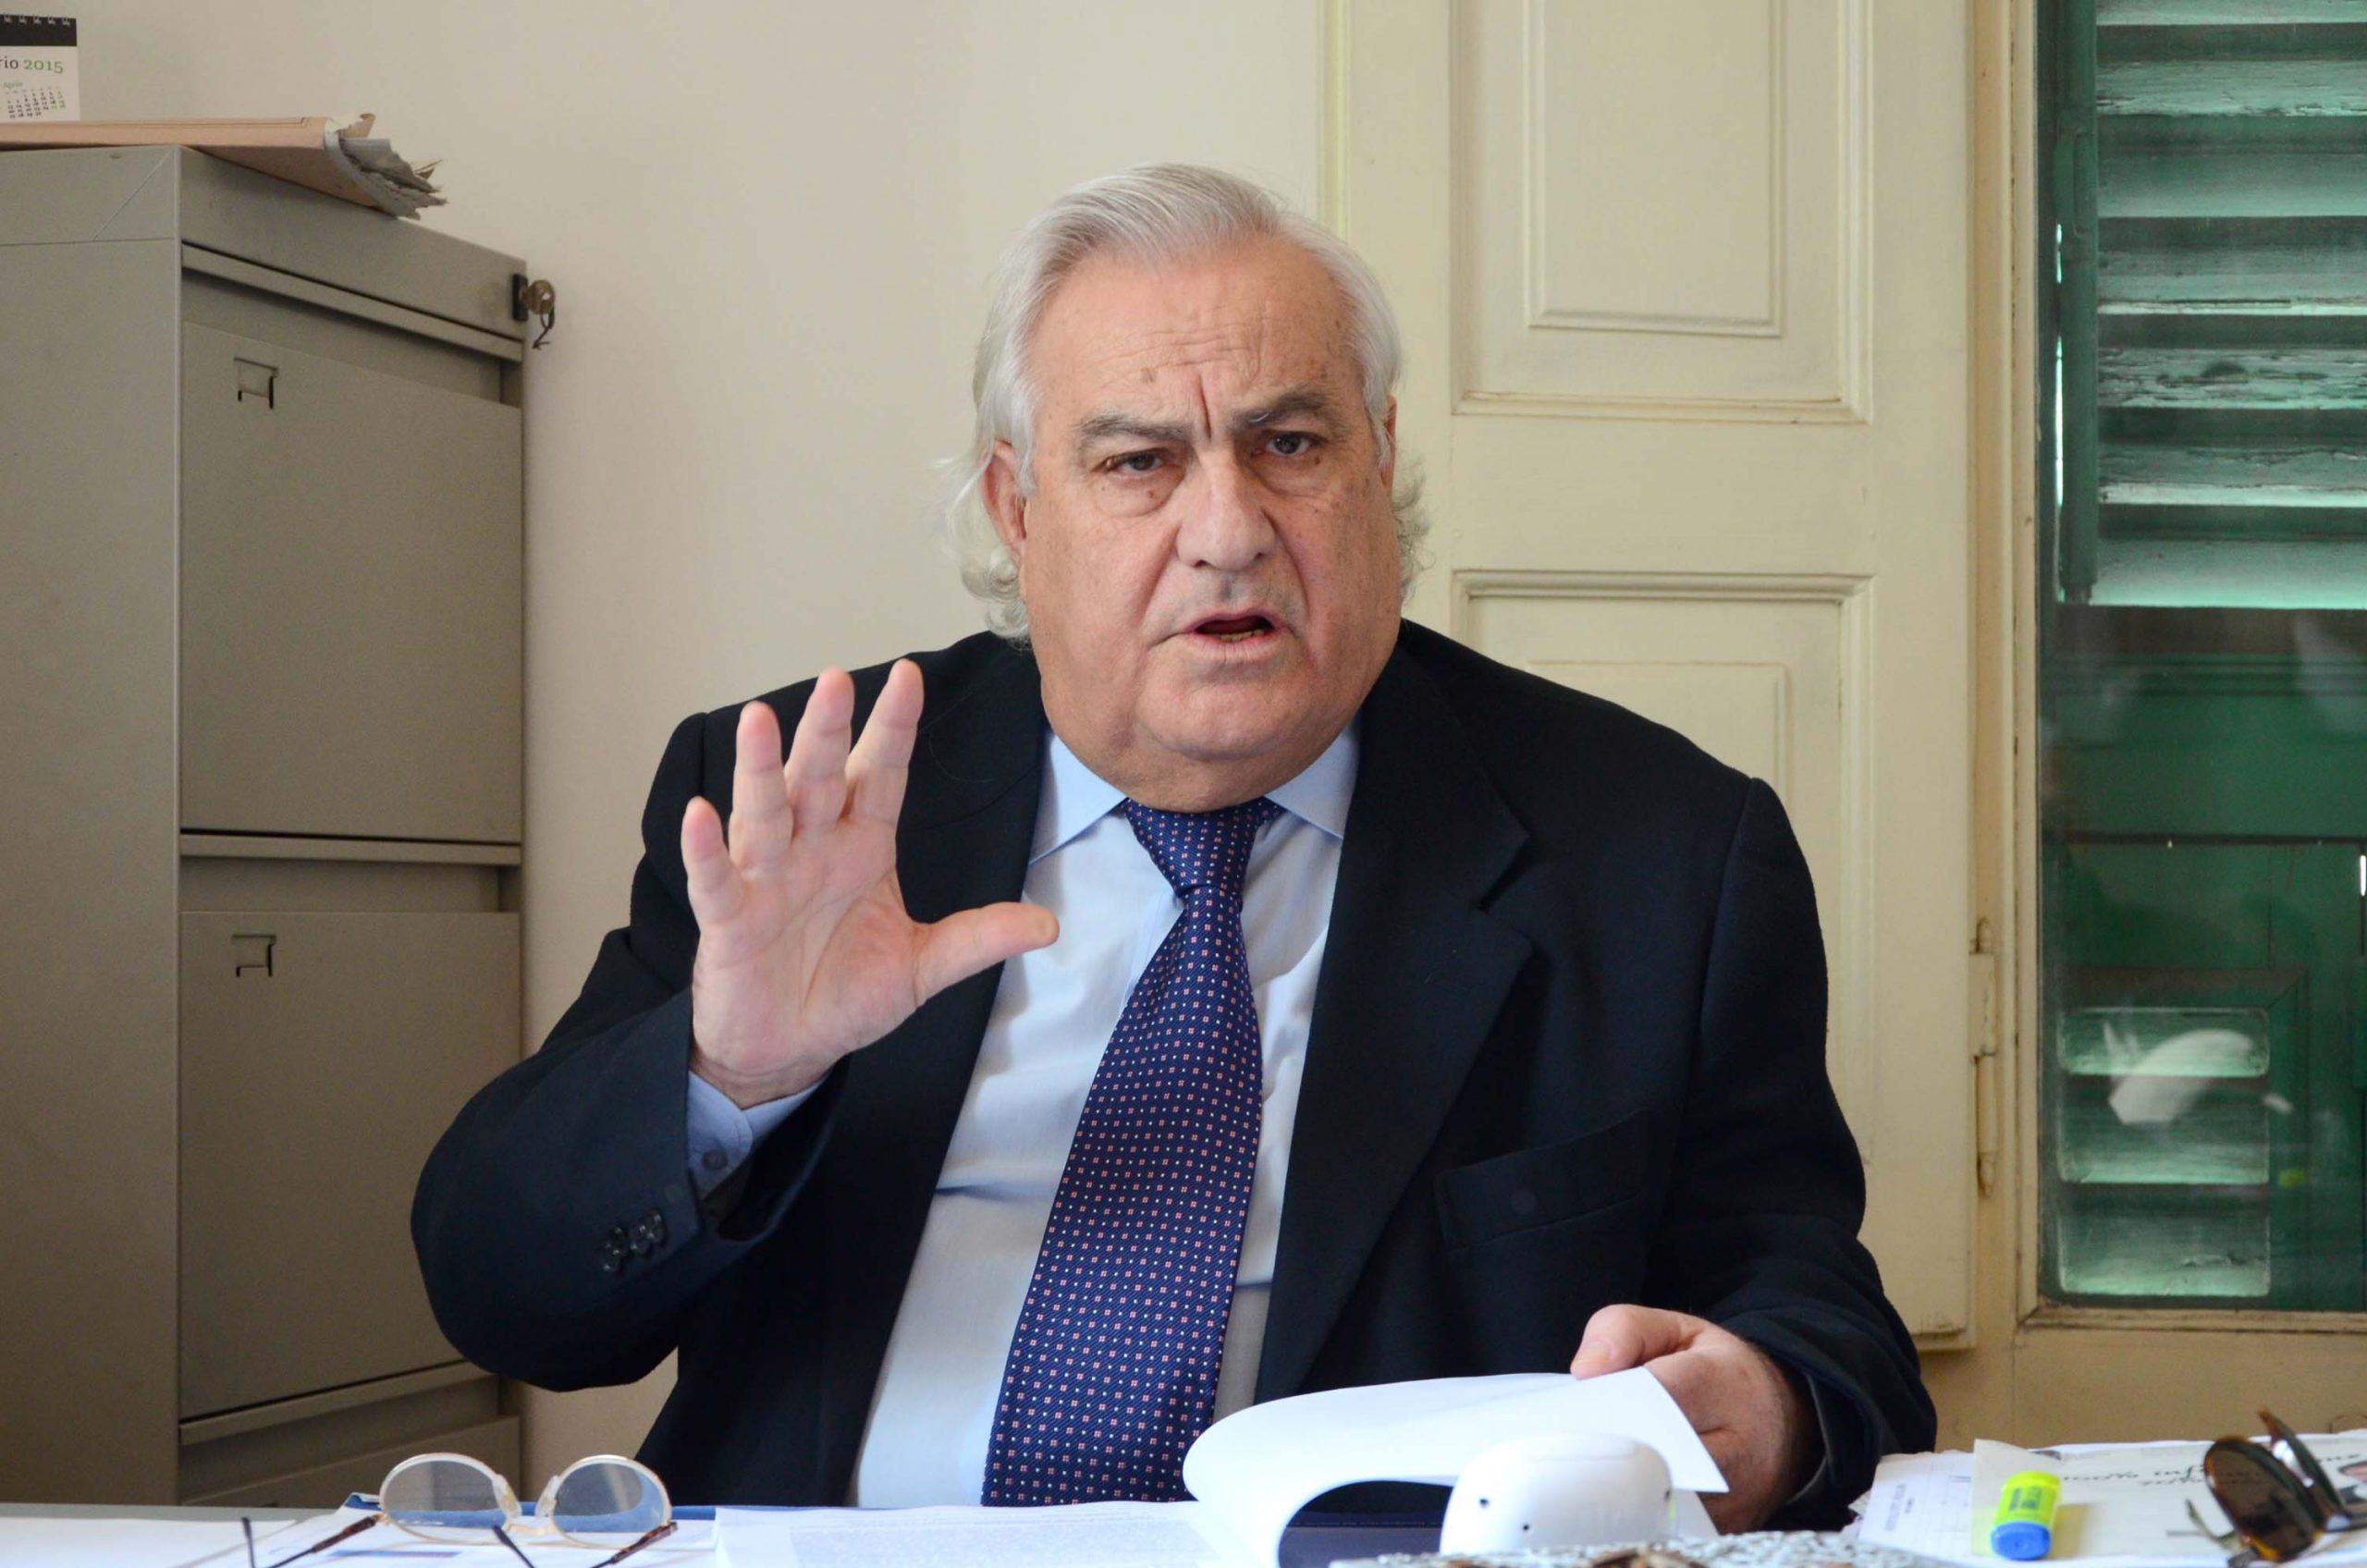 Elezioni Reggio Calabria, Chizzoniti: «Scenario politico squallido e sconcertante»